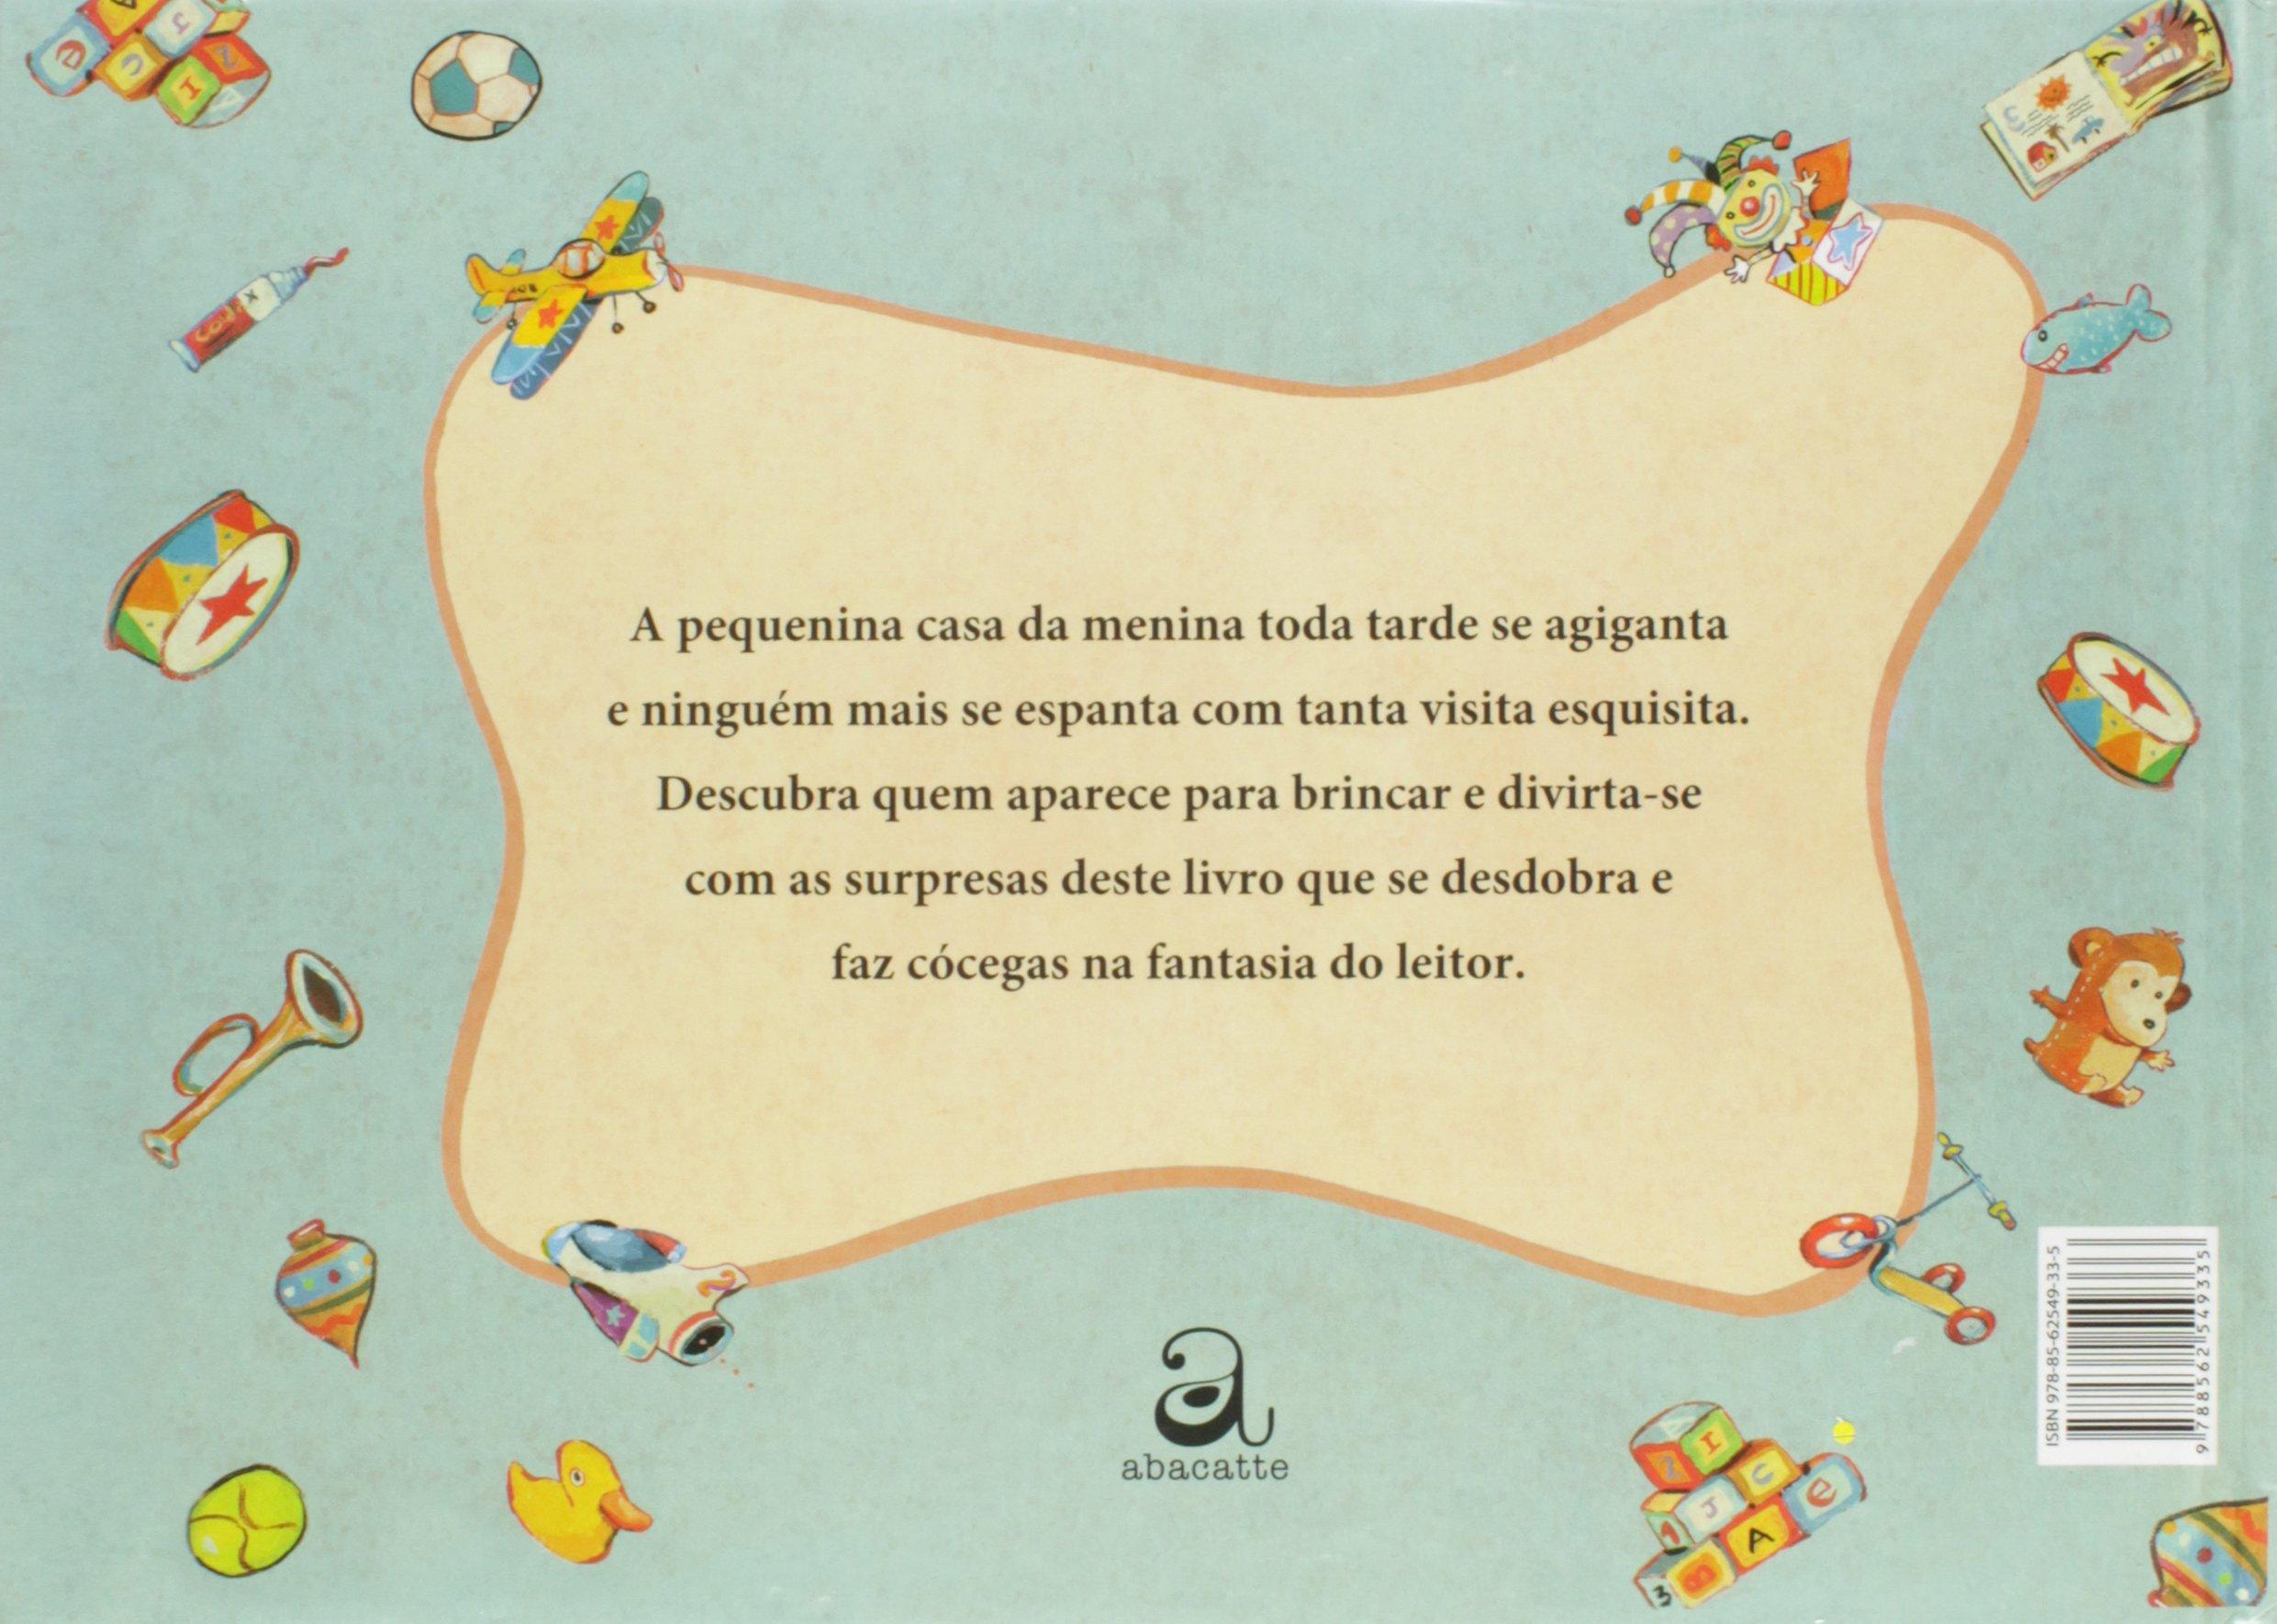 Quem Quer Brincar Comigo?: Tino Freitas: 9788562549335: Amazon.com: Books